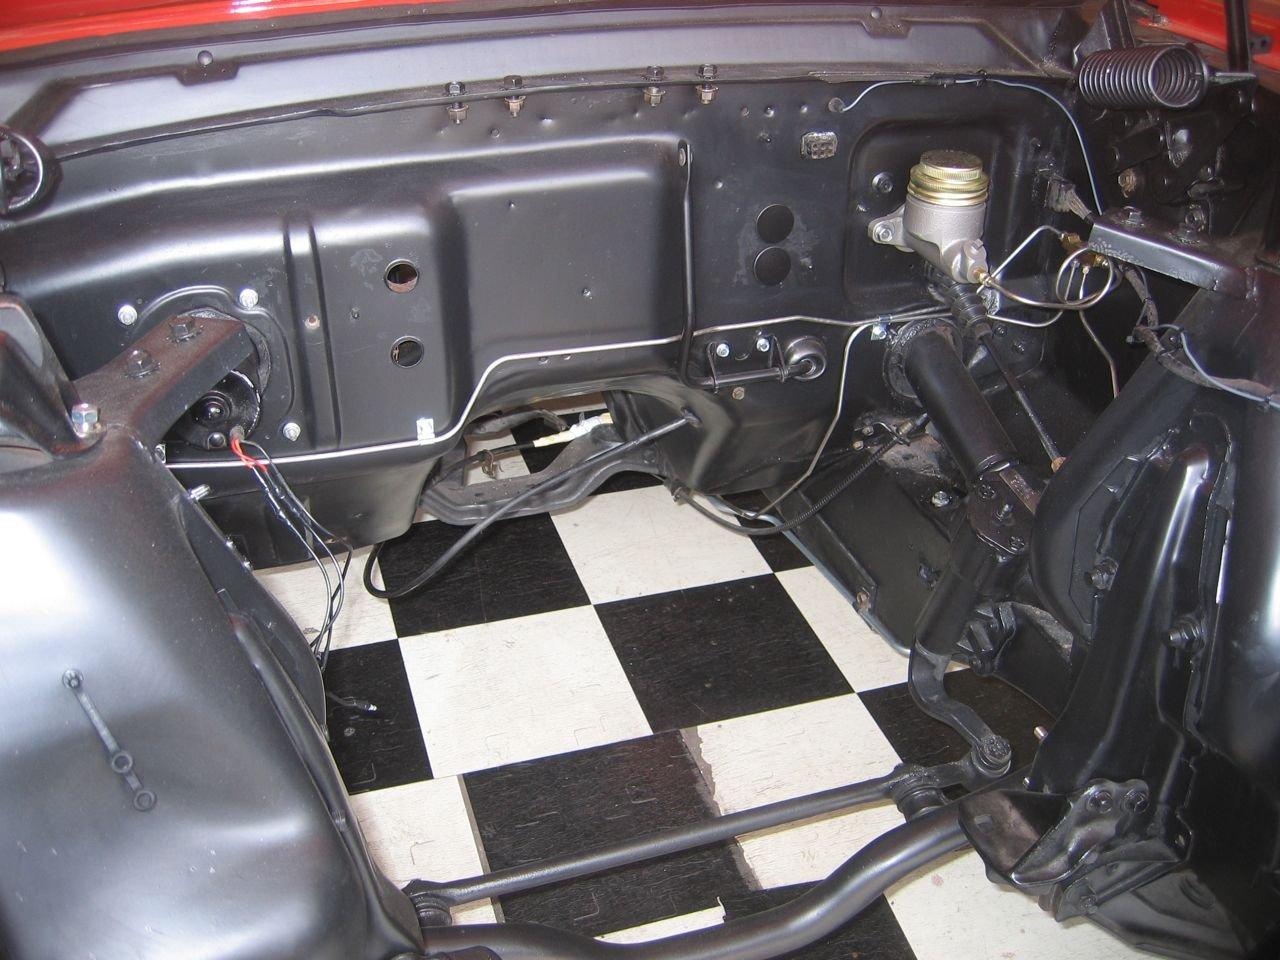 starter motor wiring diagram chevy ford capri mk1 1967 mustang brake line routing anyone? - forum